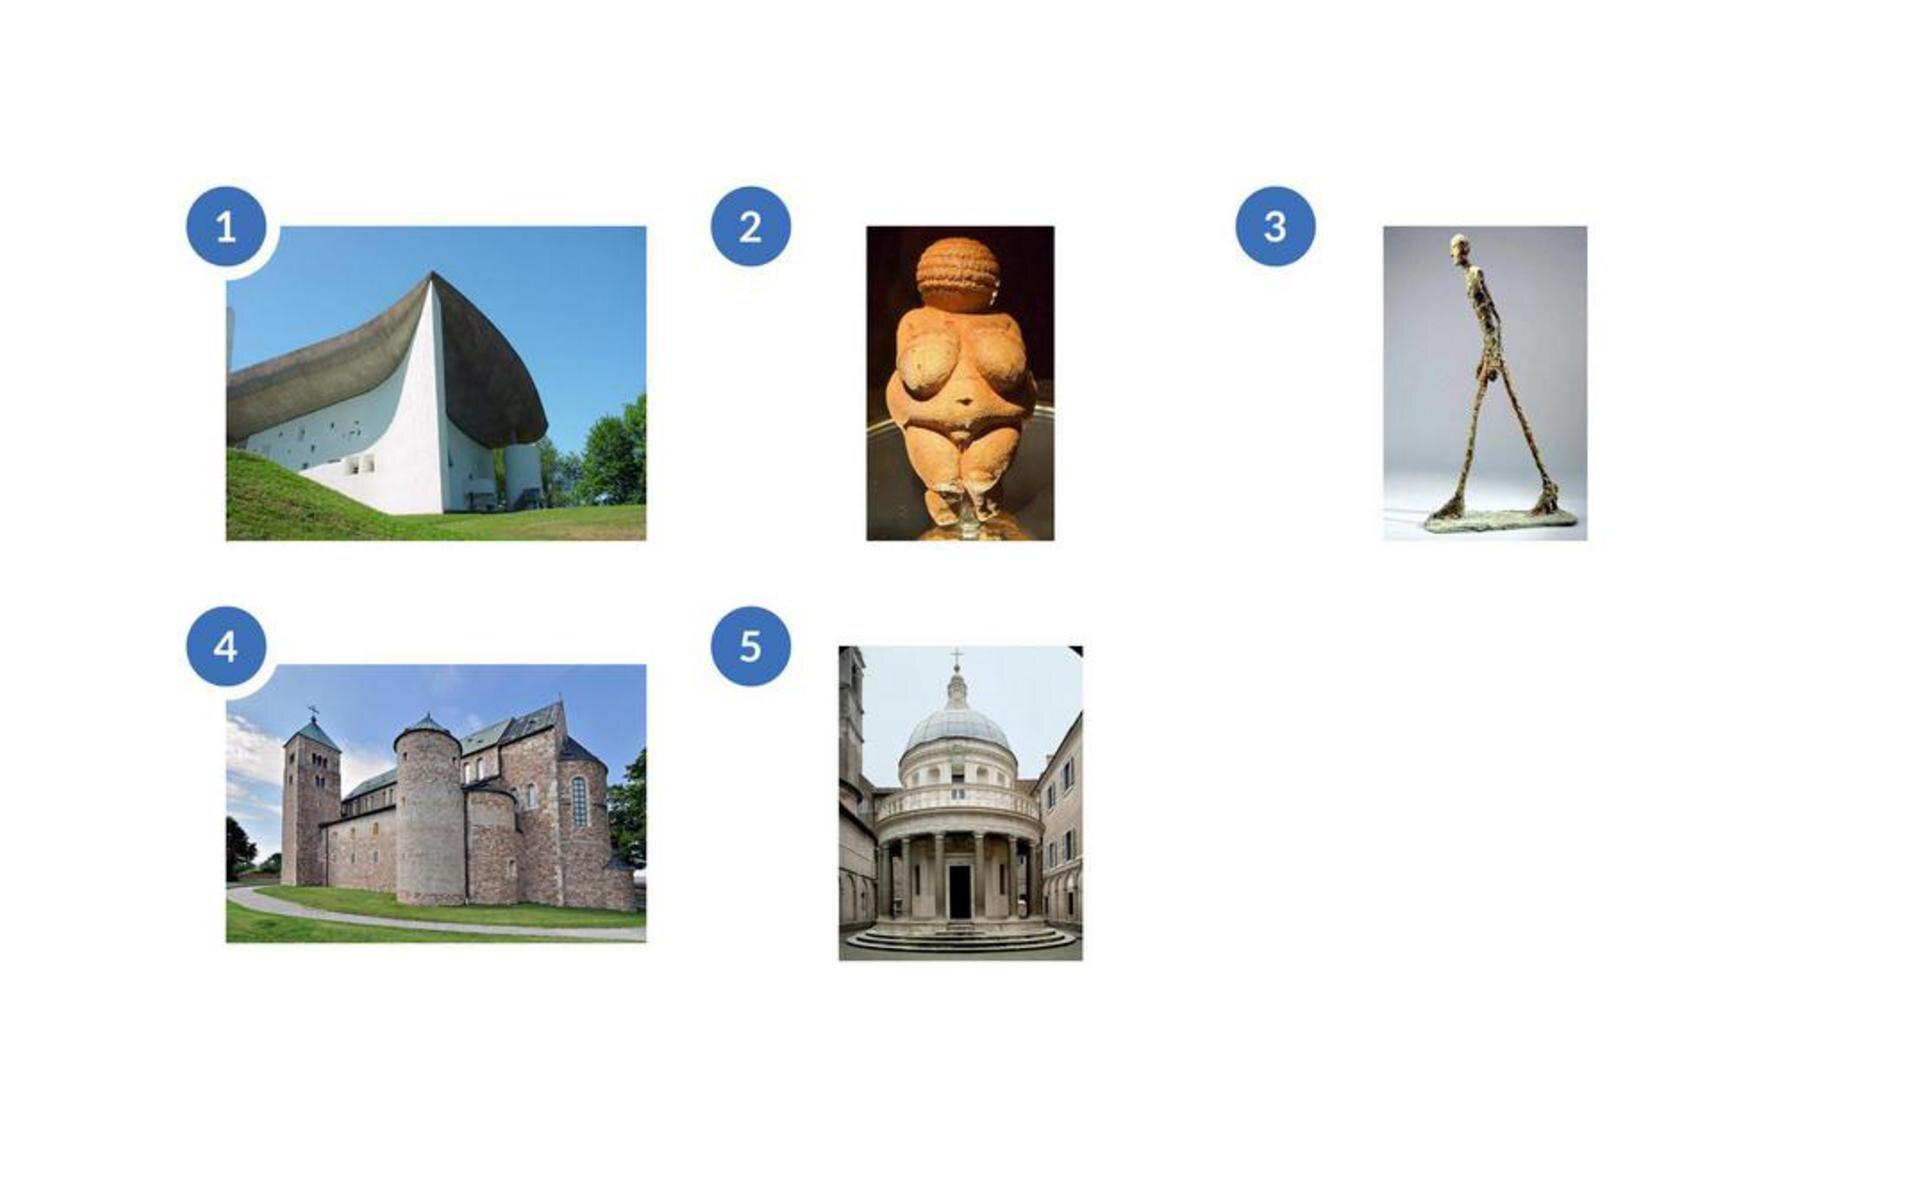 Zdjęcie znumerem 1 to masywna budowla zbiałą elewacją iciemnym nieregularnym dachem. Budynek ma wiele bardzo małych otworów okiennych. Drugie zdjęcie znumerem 2 przedstawia rzeźbę przypominająca kobietę oznacznej posturze wkolorze pomarańczowego piasku. Kobieta jest naga. Rzeźba jest zwarta, bez wyraźnych szczegółów. Nie widać elementów twarzy. Zdjęcie znumerem 3 to rzeźba postaci onieproporcjonalnie długich icienkich nogach. Postać wydaje się jakby była wruchu, ręce ma opuszczone wzdłuż tułowia. Prawa noga stawia krok, alewa jest ztyłu. Zdjęcie numer 4 to budowa kościelna oznacznej wysokości iwyglądająca na masywną. Posiada dwie wieże przylegające do budynku. Jedna jest wkształcie prostokątna ina jej szczycie umieszczony jest krzyż. Druga wieża jest okrągła. Wgórnej części budynku jest ciąg okien. Zdjęcie numer 5 to kaplica Donate Bramante, Tempietto. Kaplica jest okrągła, aupodstaw znajduje się kilka małych schodów. Centralny korpus, celle zawierającą relikwiarz, wieńczy kopuła iotacza pierścień kolumn. Korpus otaczają toskańskie kolumny.